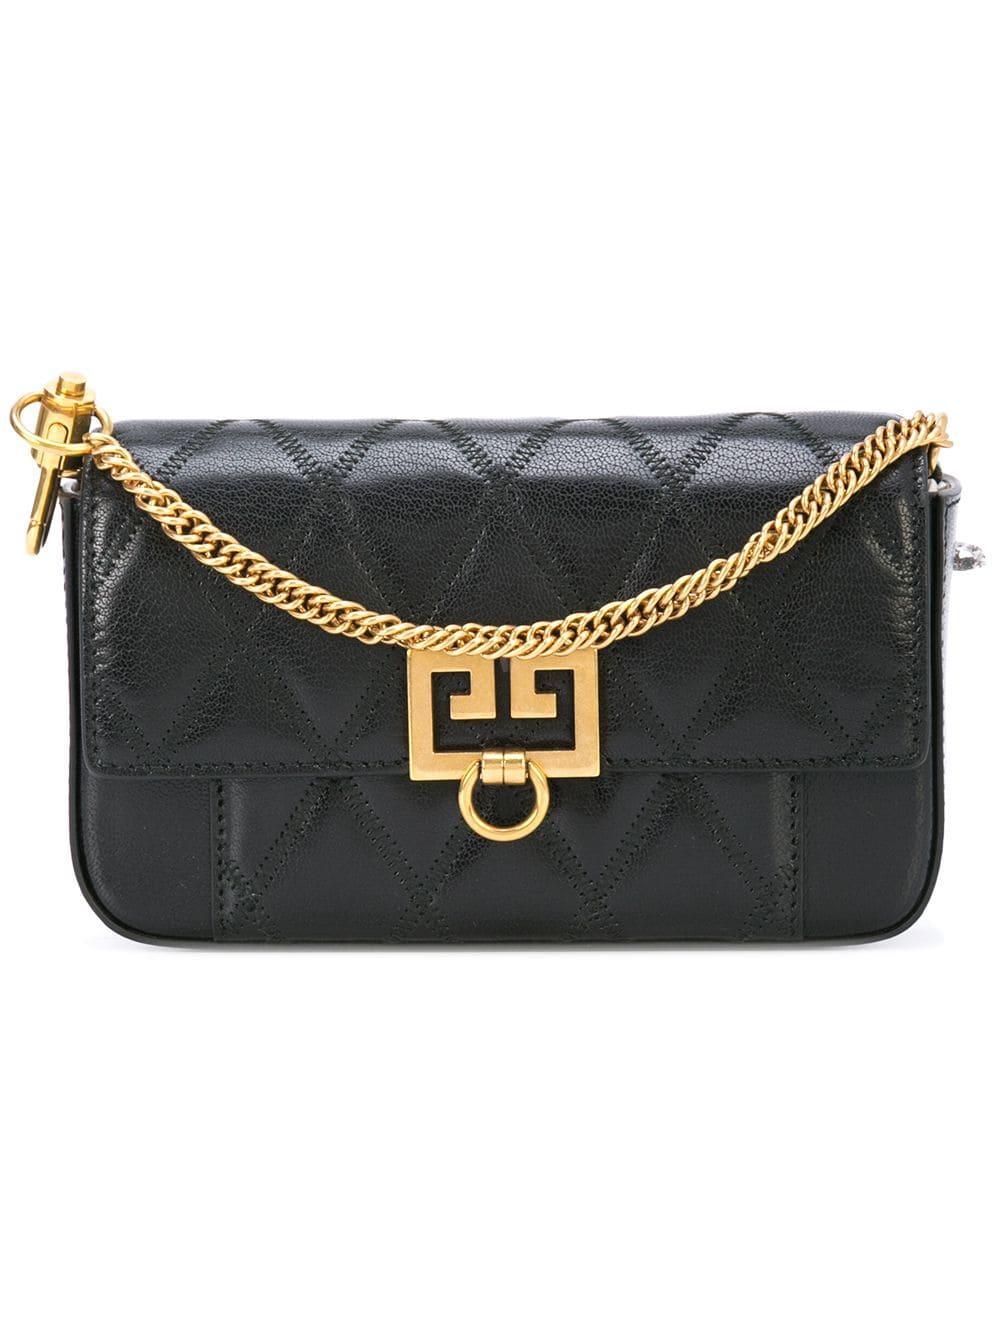 Givenchy Gv3 Shoulder Bag - Black  fd291a80f2a3f